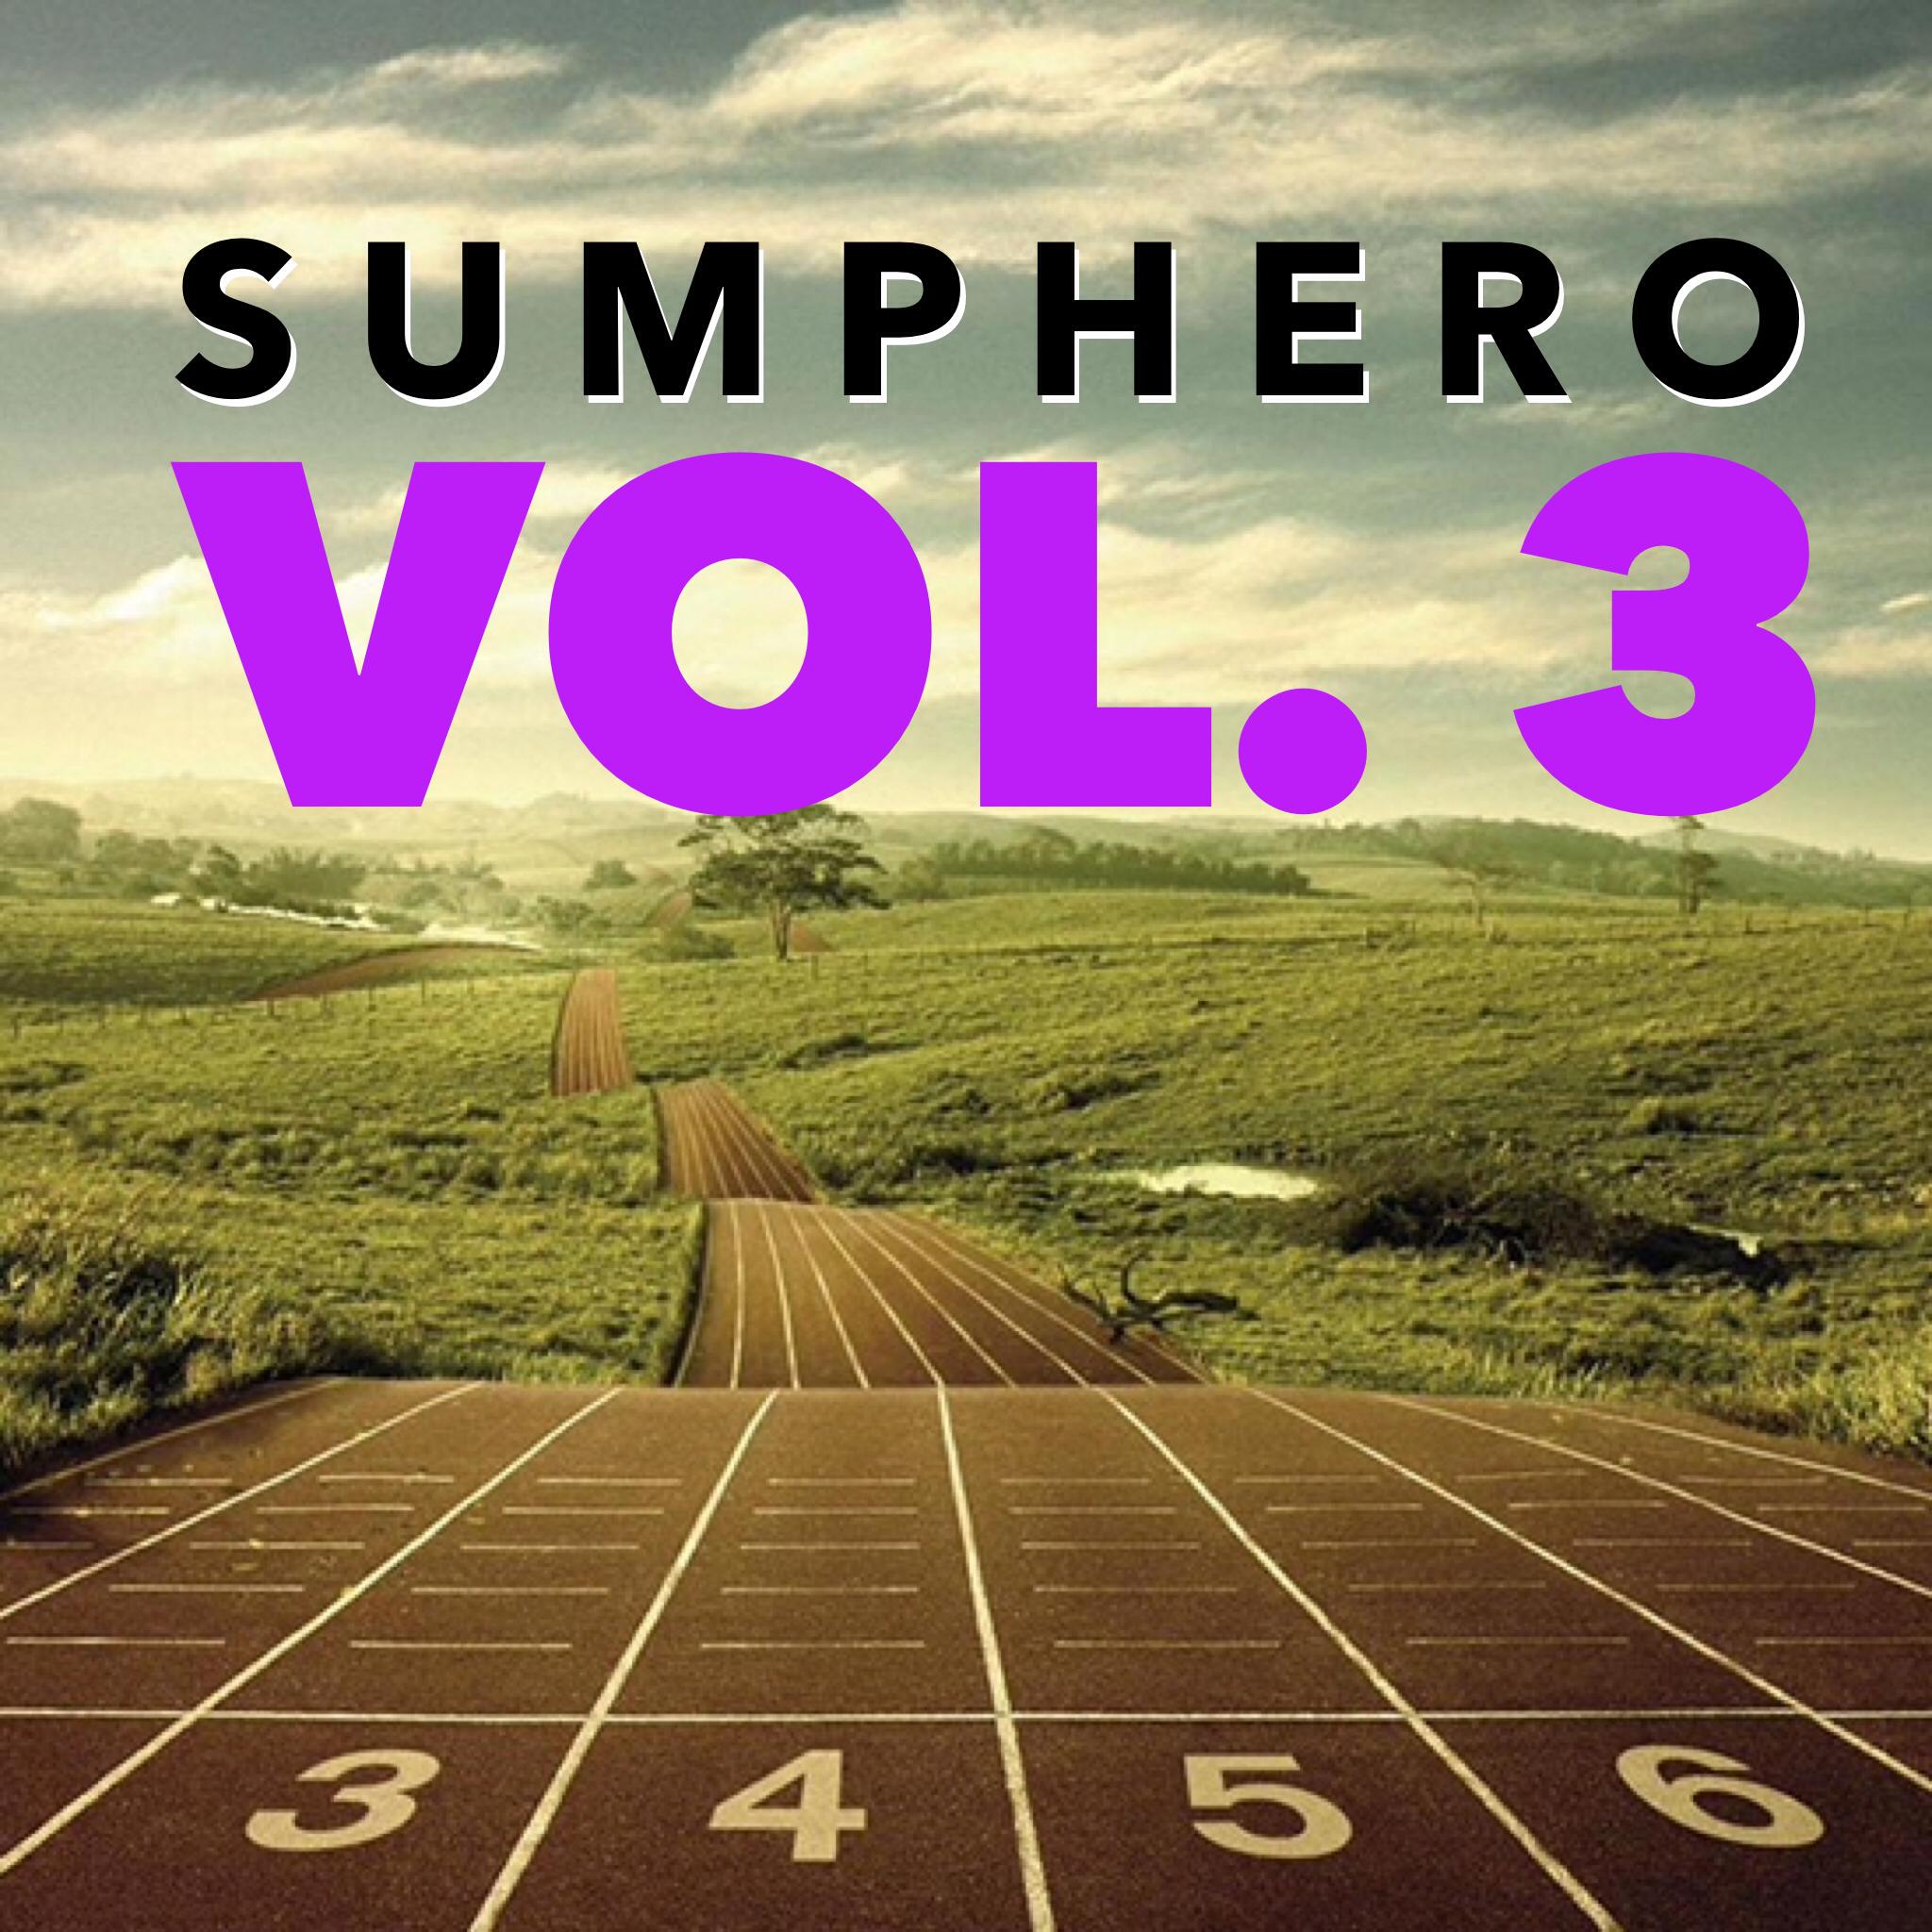 Sumphero Vol 3